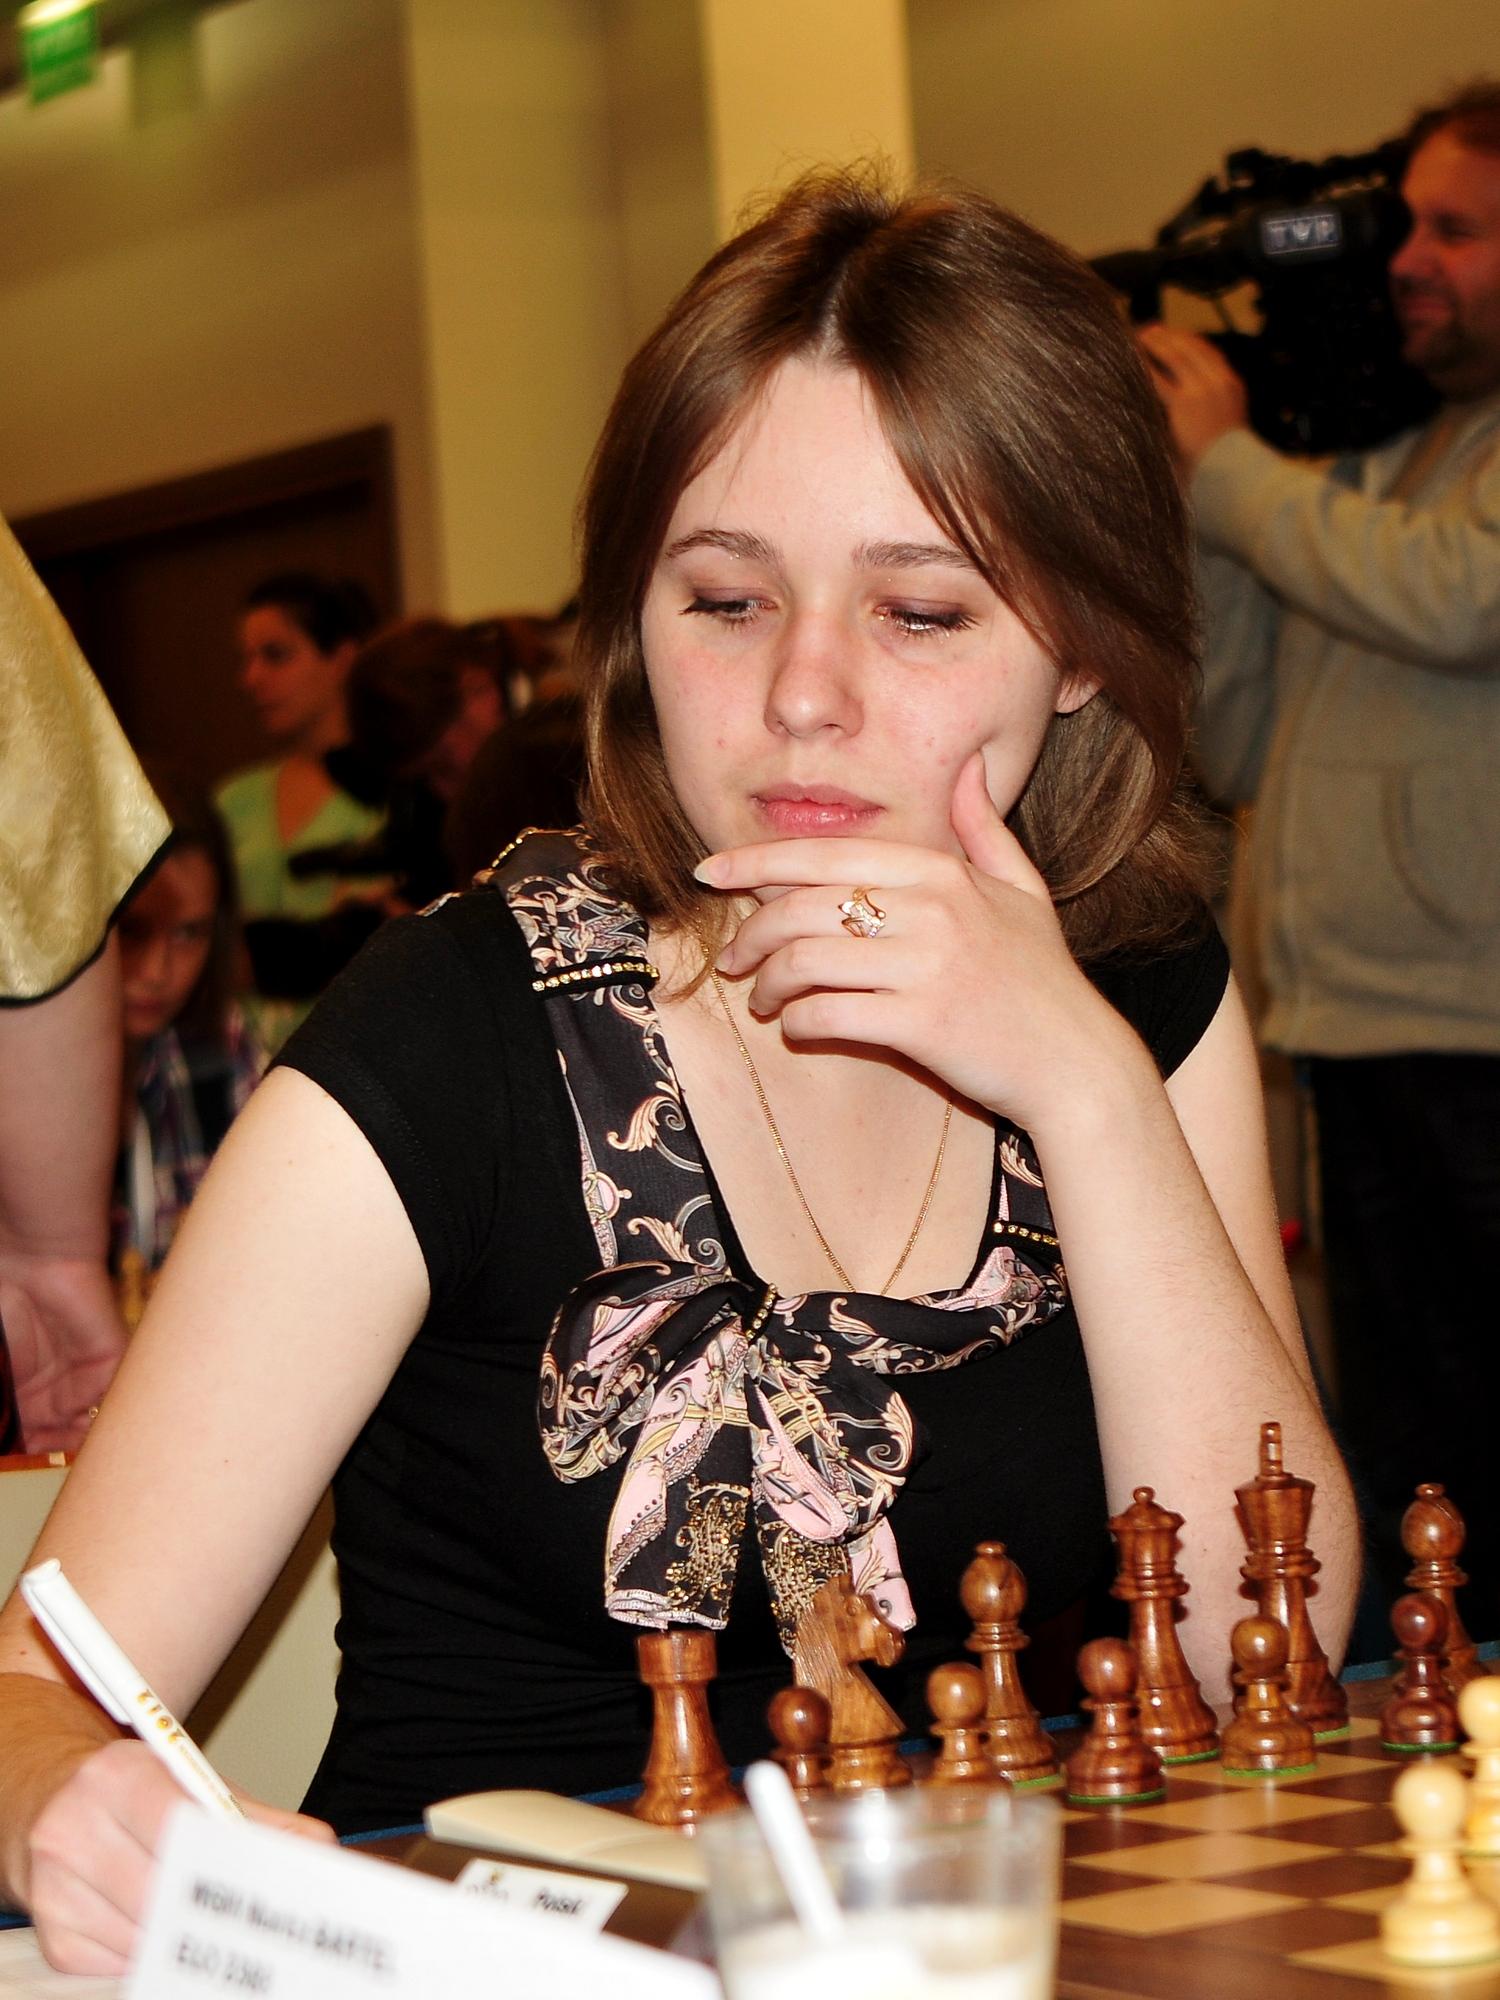 Картинки по запросу MUZYCHUK Mariya chess